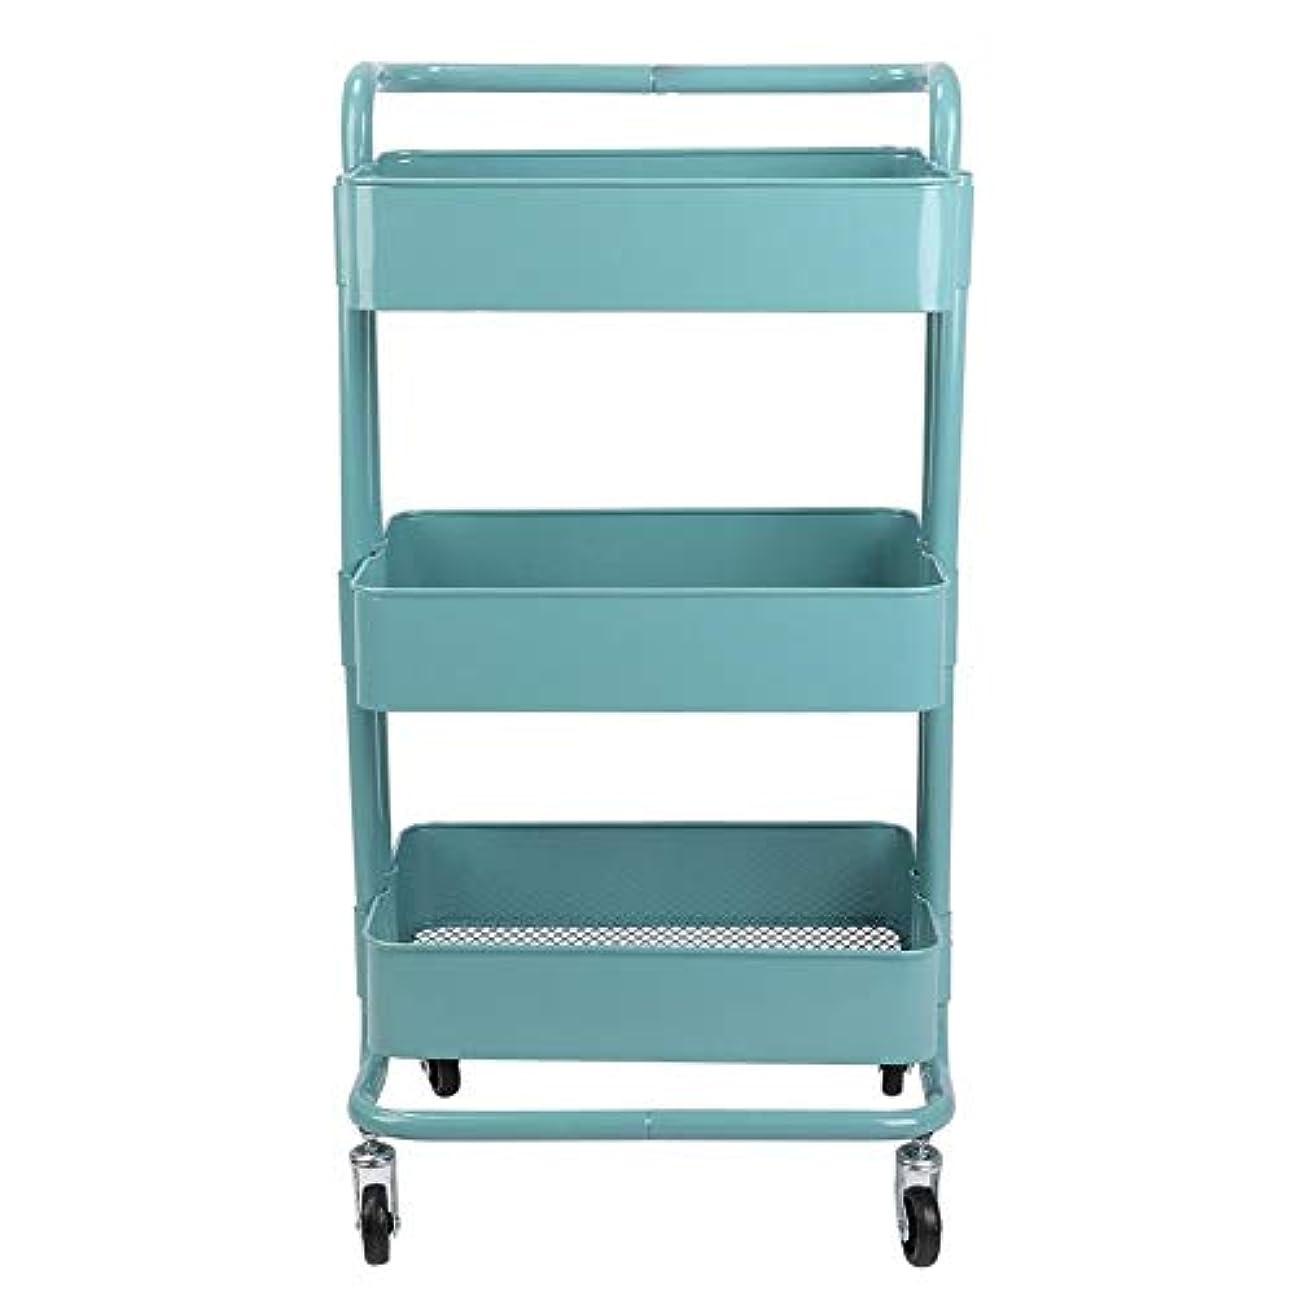 集計ガイドライン反対トロリーカート、3つの層の金属の車輪の貯蔵の棚は美容院のために移動可能です